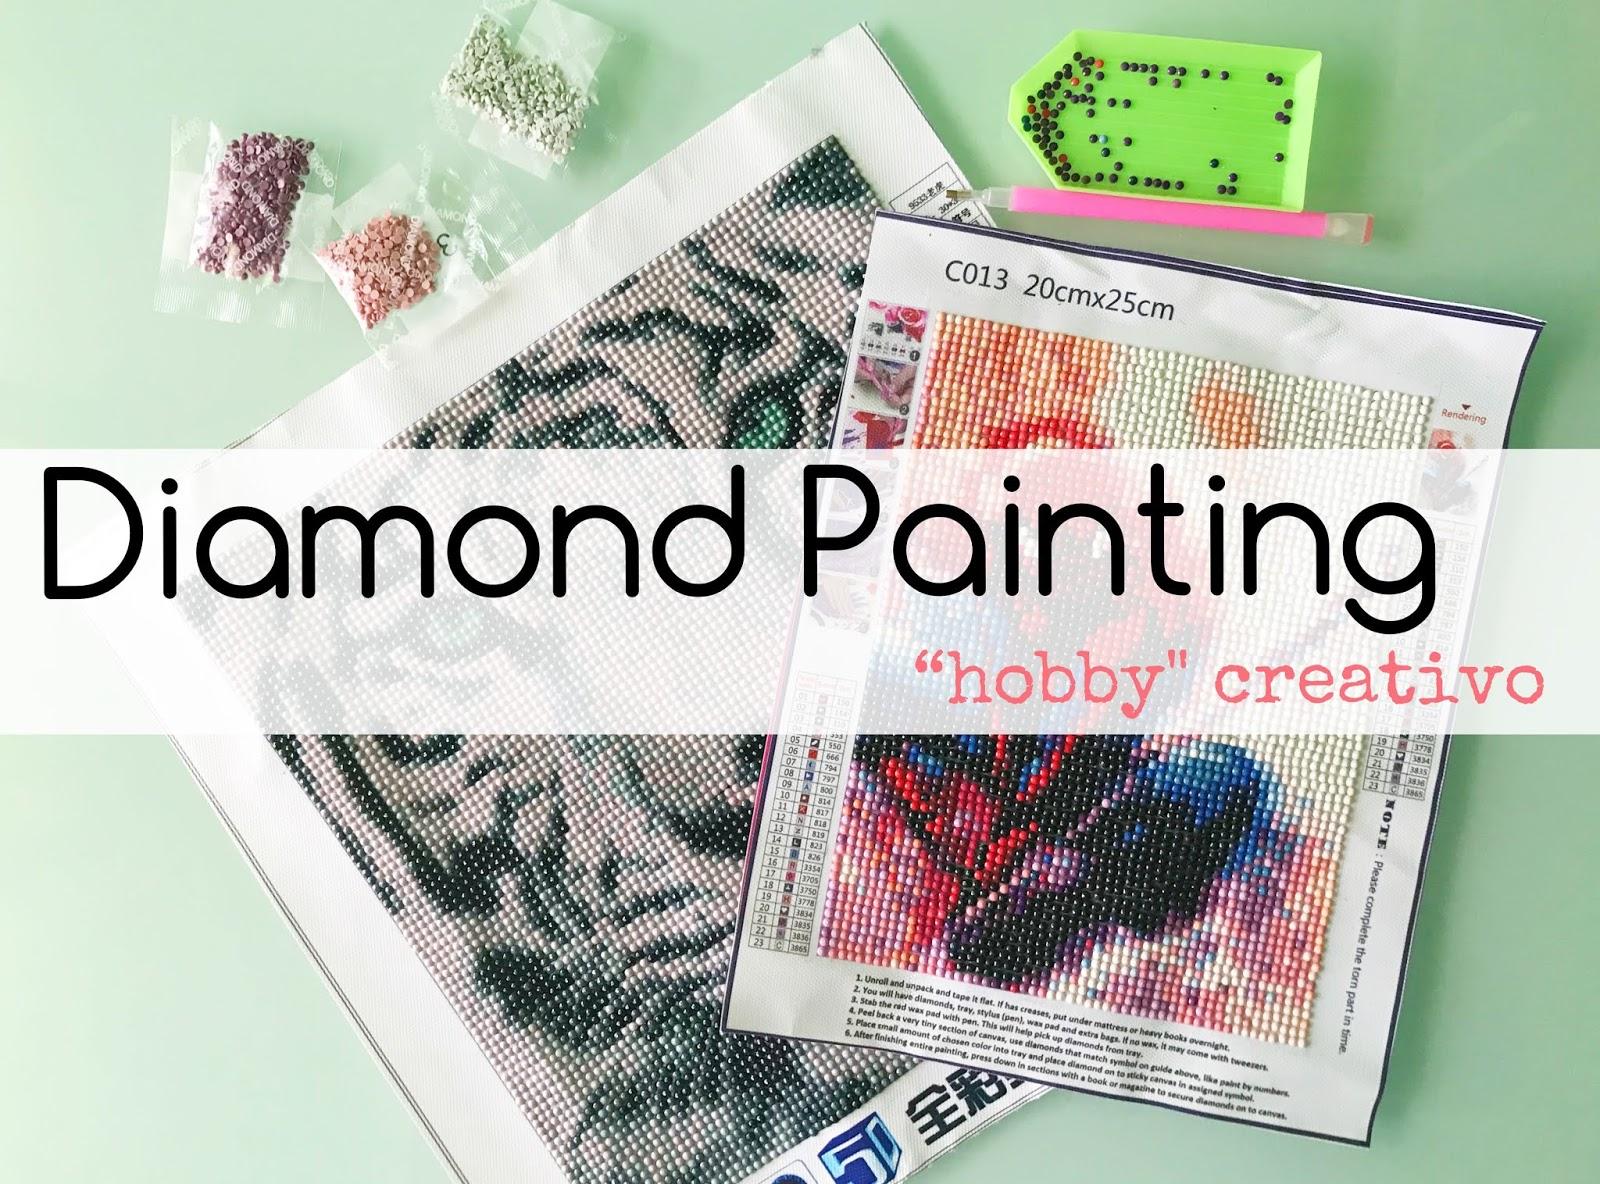 Diamond painting, un hobby creativo